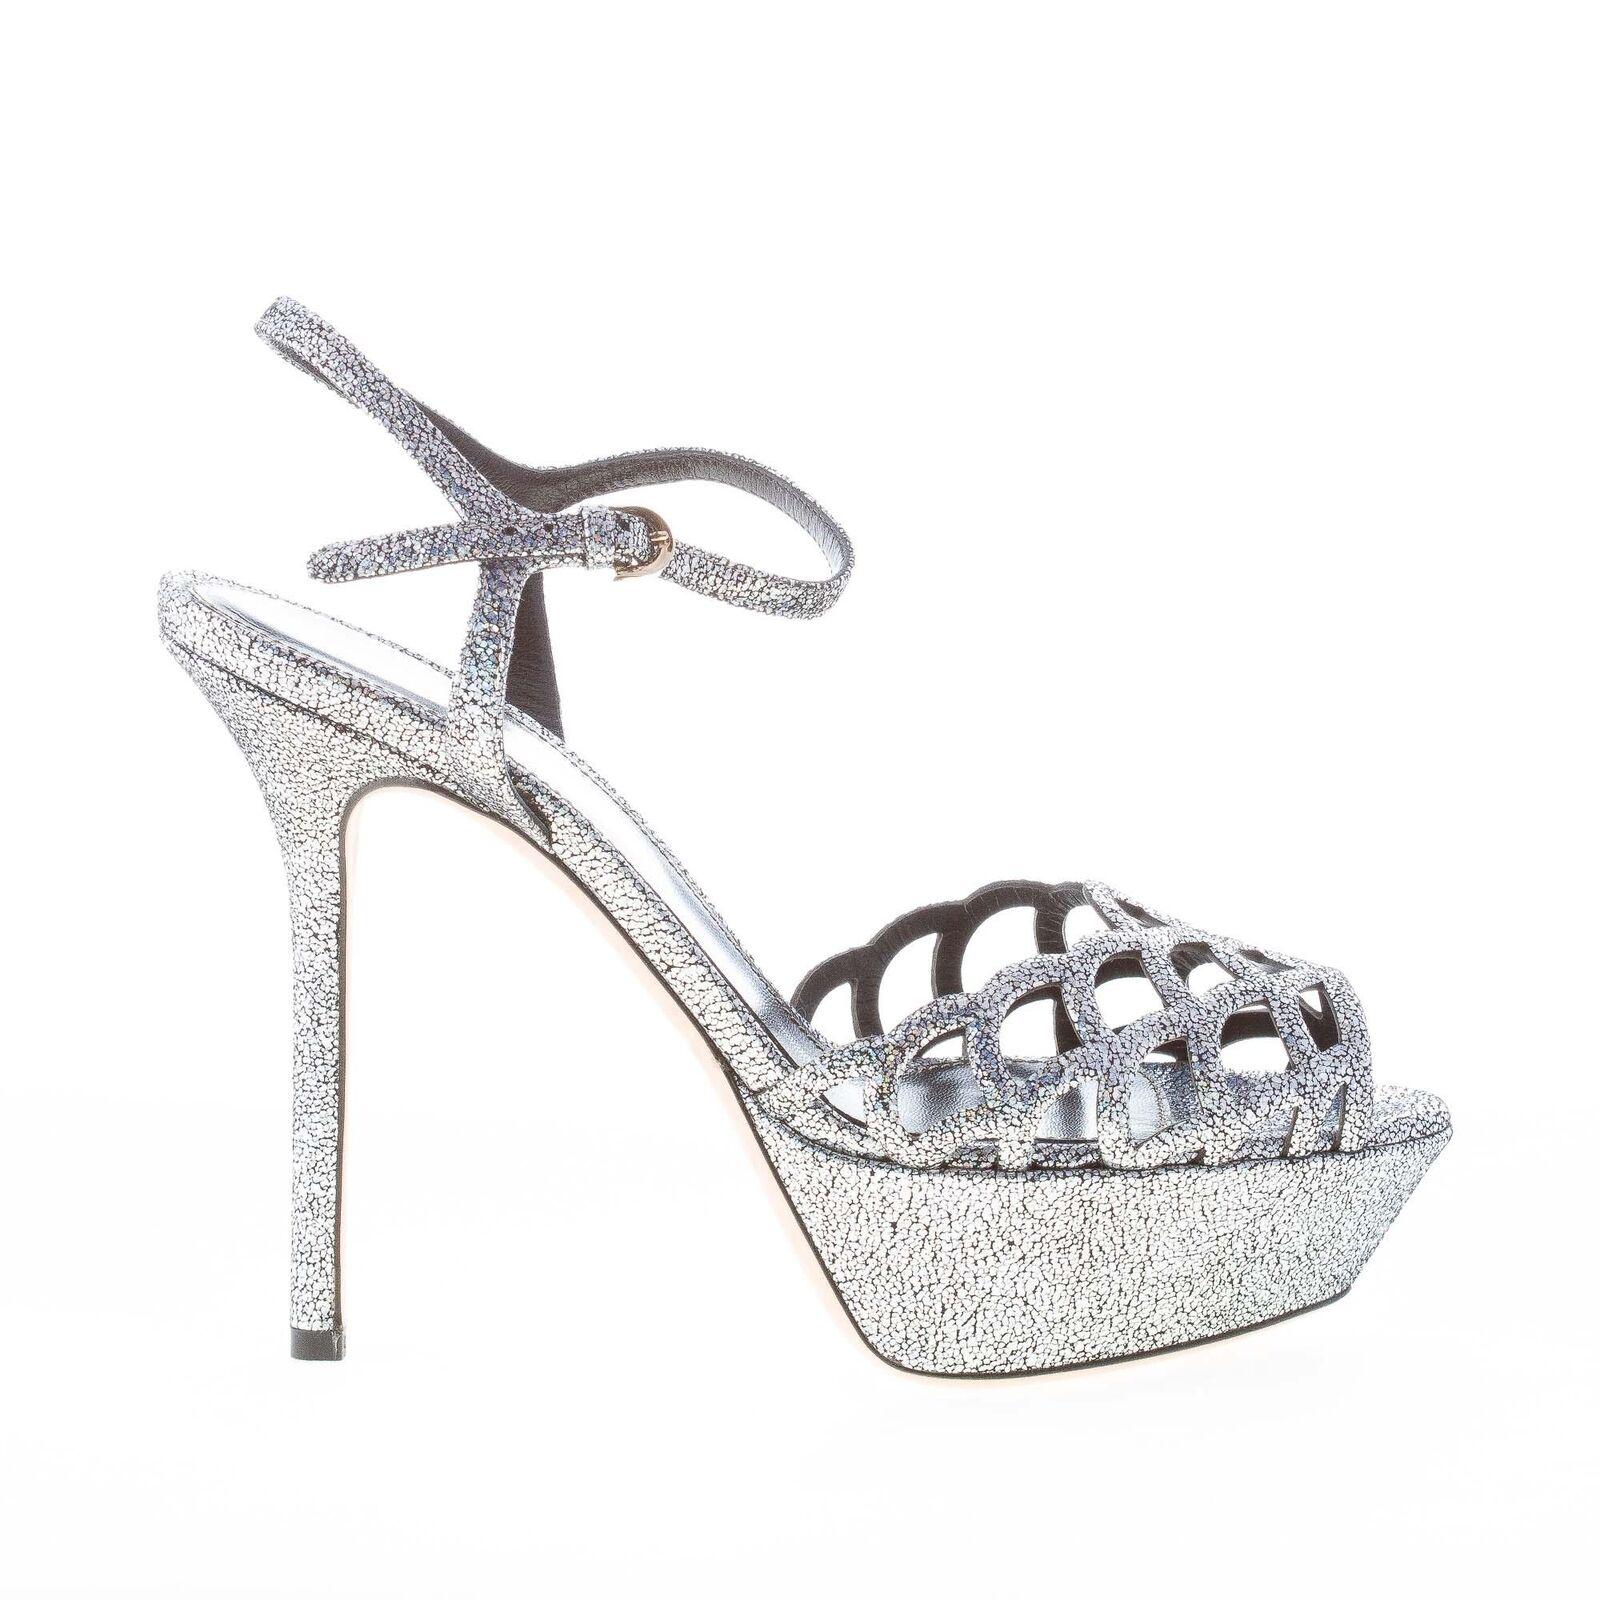 SERGIO ROSSI scarpe donna Sandalo in pelle effetto glitterato argento plateau